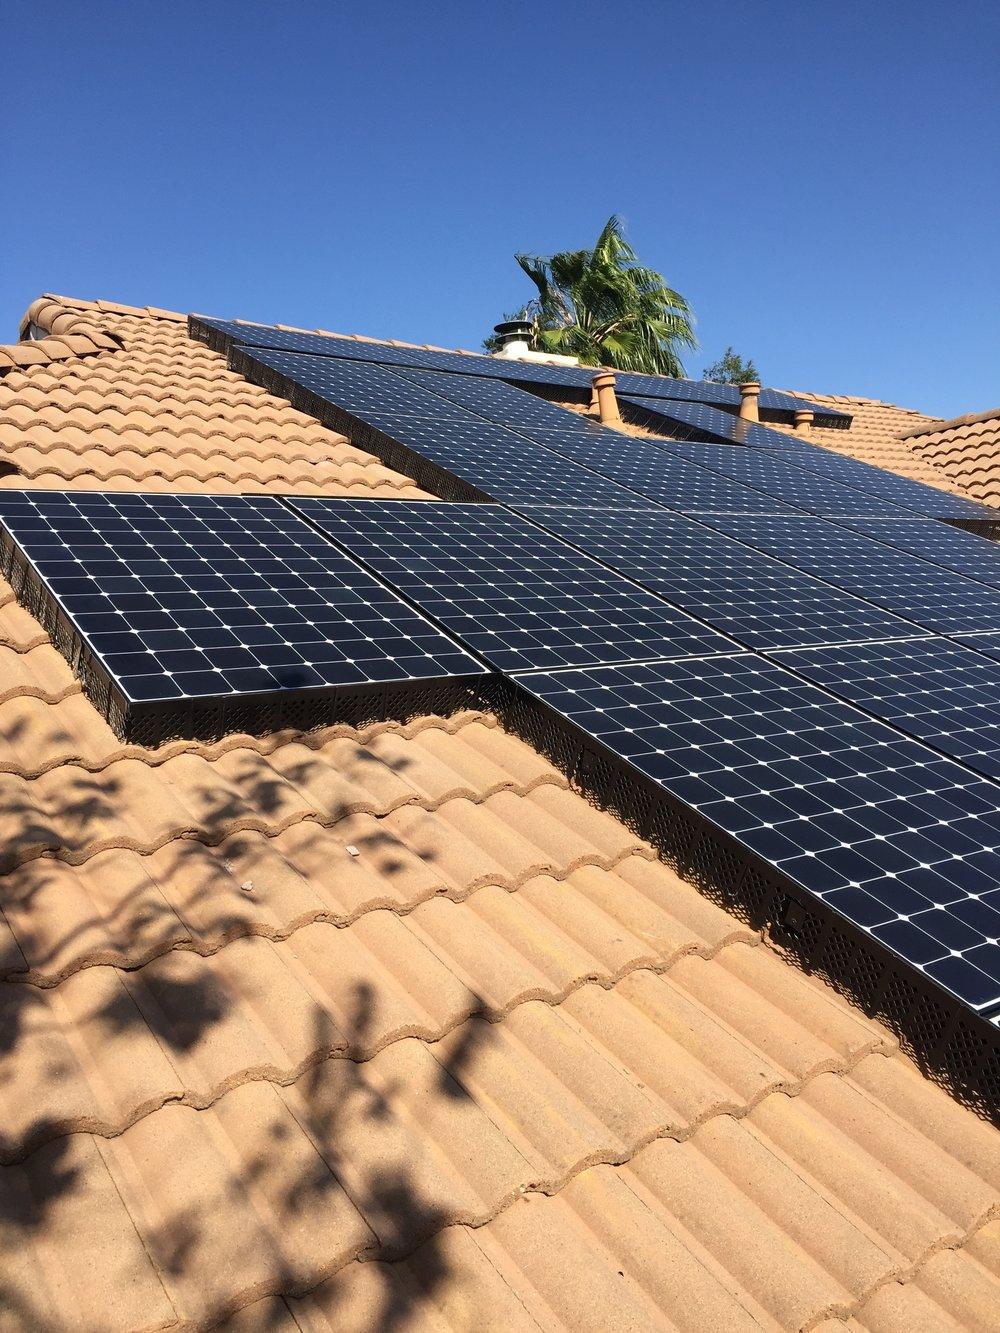 Sunpower Solar Install Vacaville Gedeon.JPG